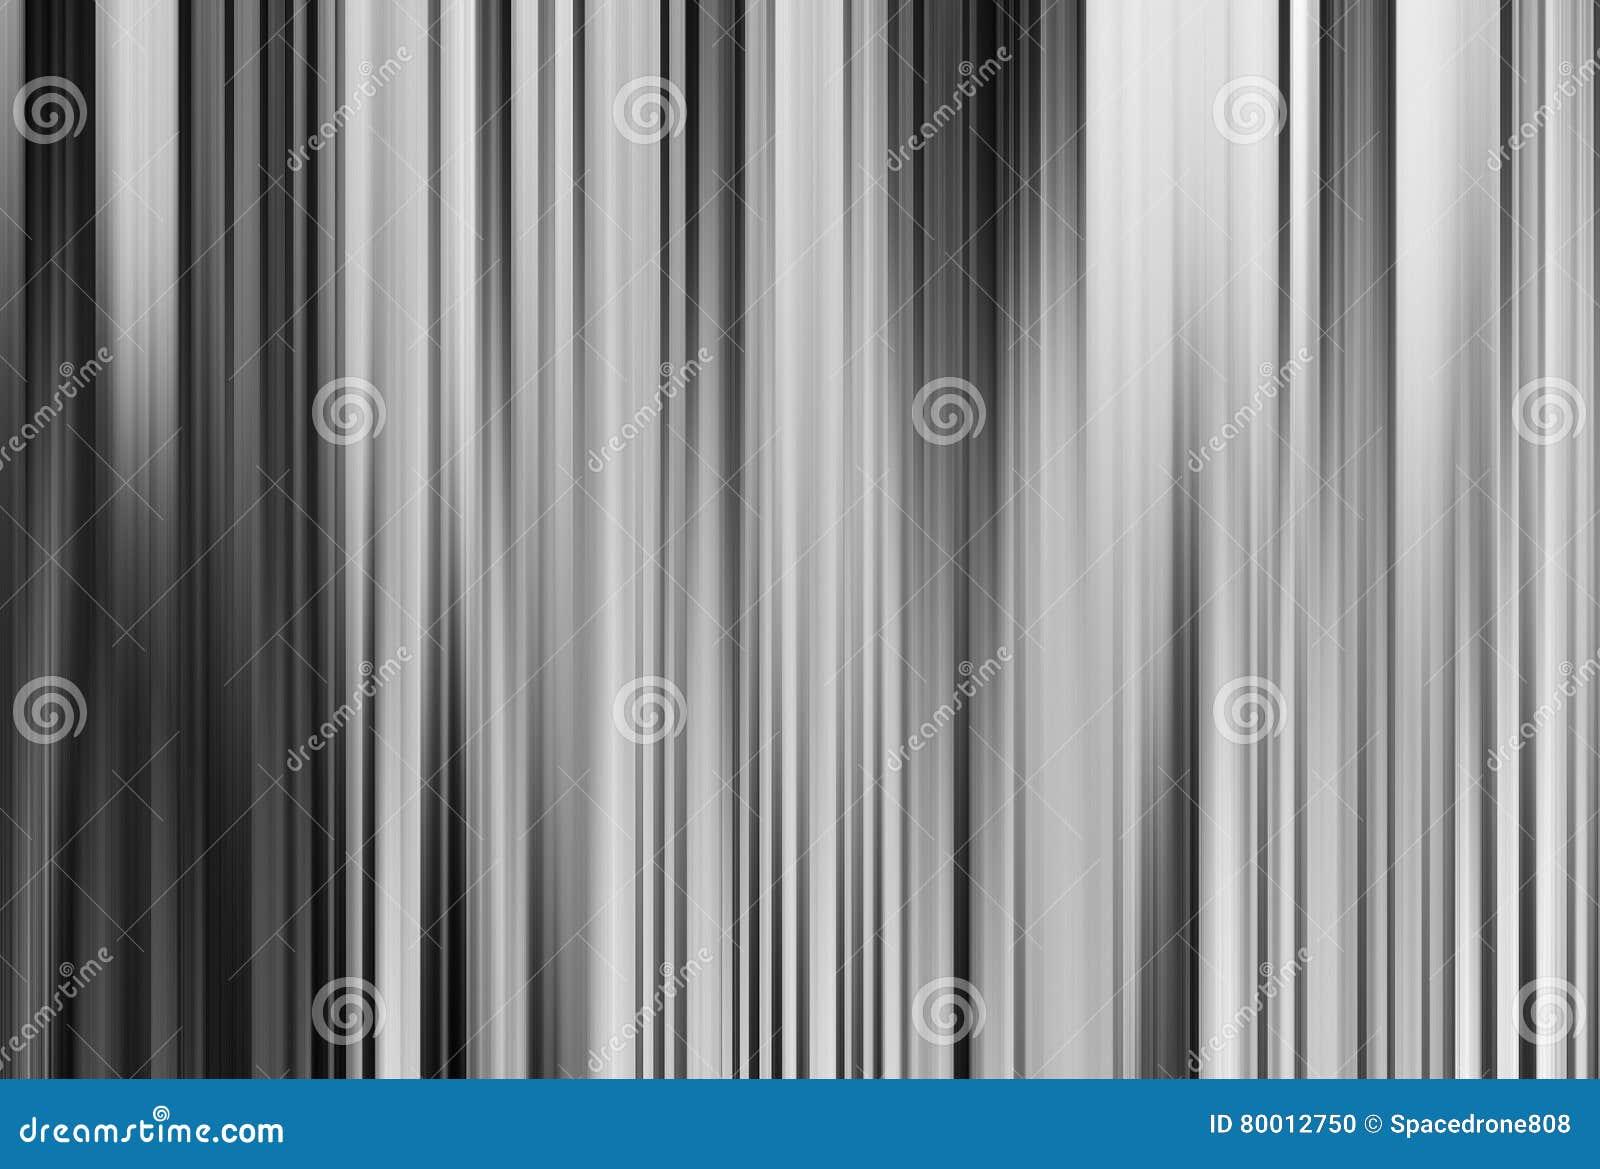 Cortinas en blanco y negro perfect blanco y negro torre - Cortinas en blanco y negro ...